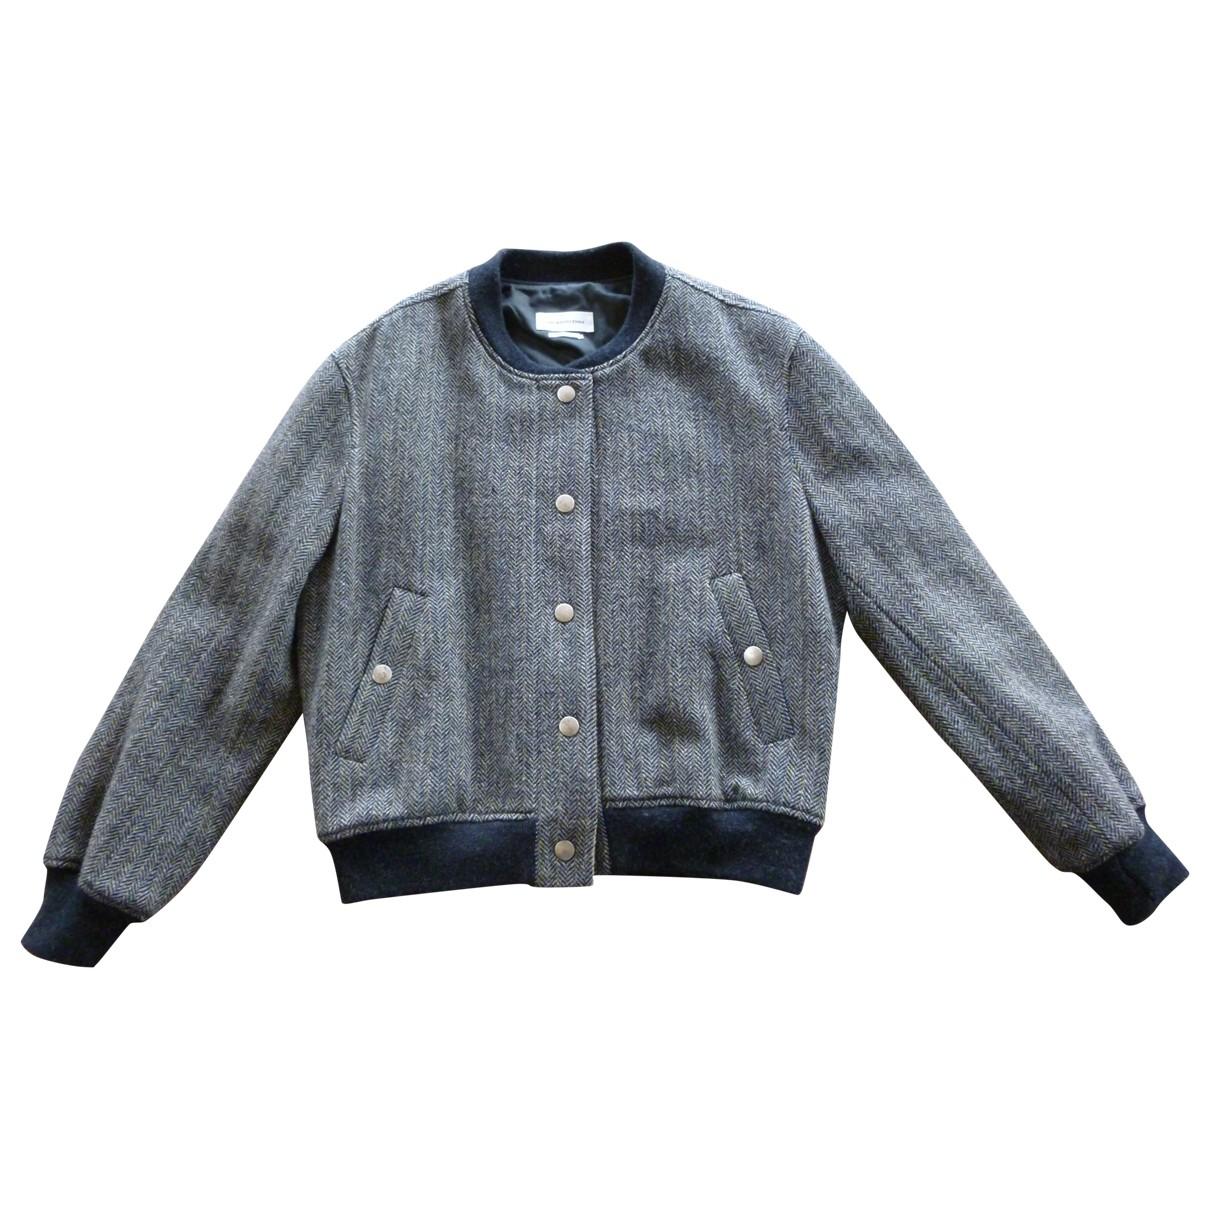 Isabel Marant Etoile \N Lederjacke in  Grau Tweed